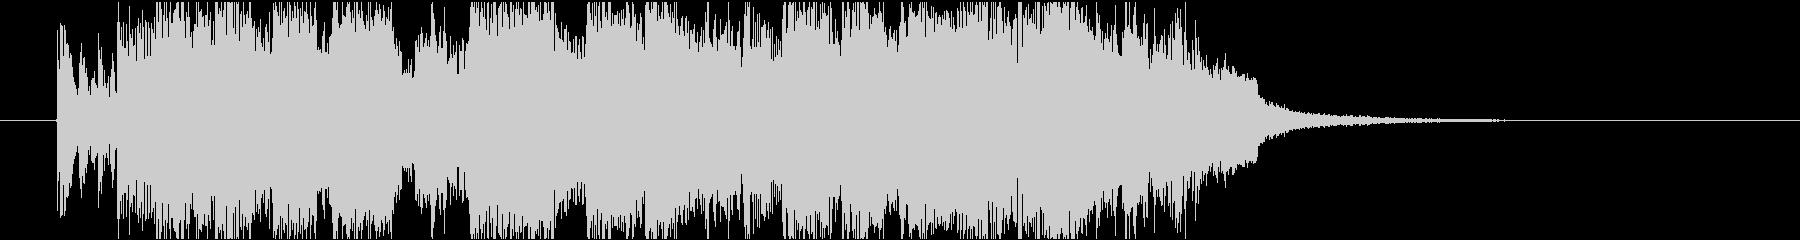 ジャズジングル、ピアノトリオ、クールの未再生の波形